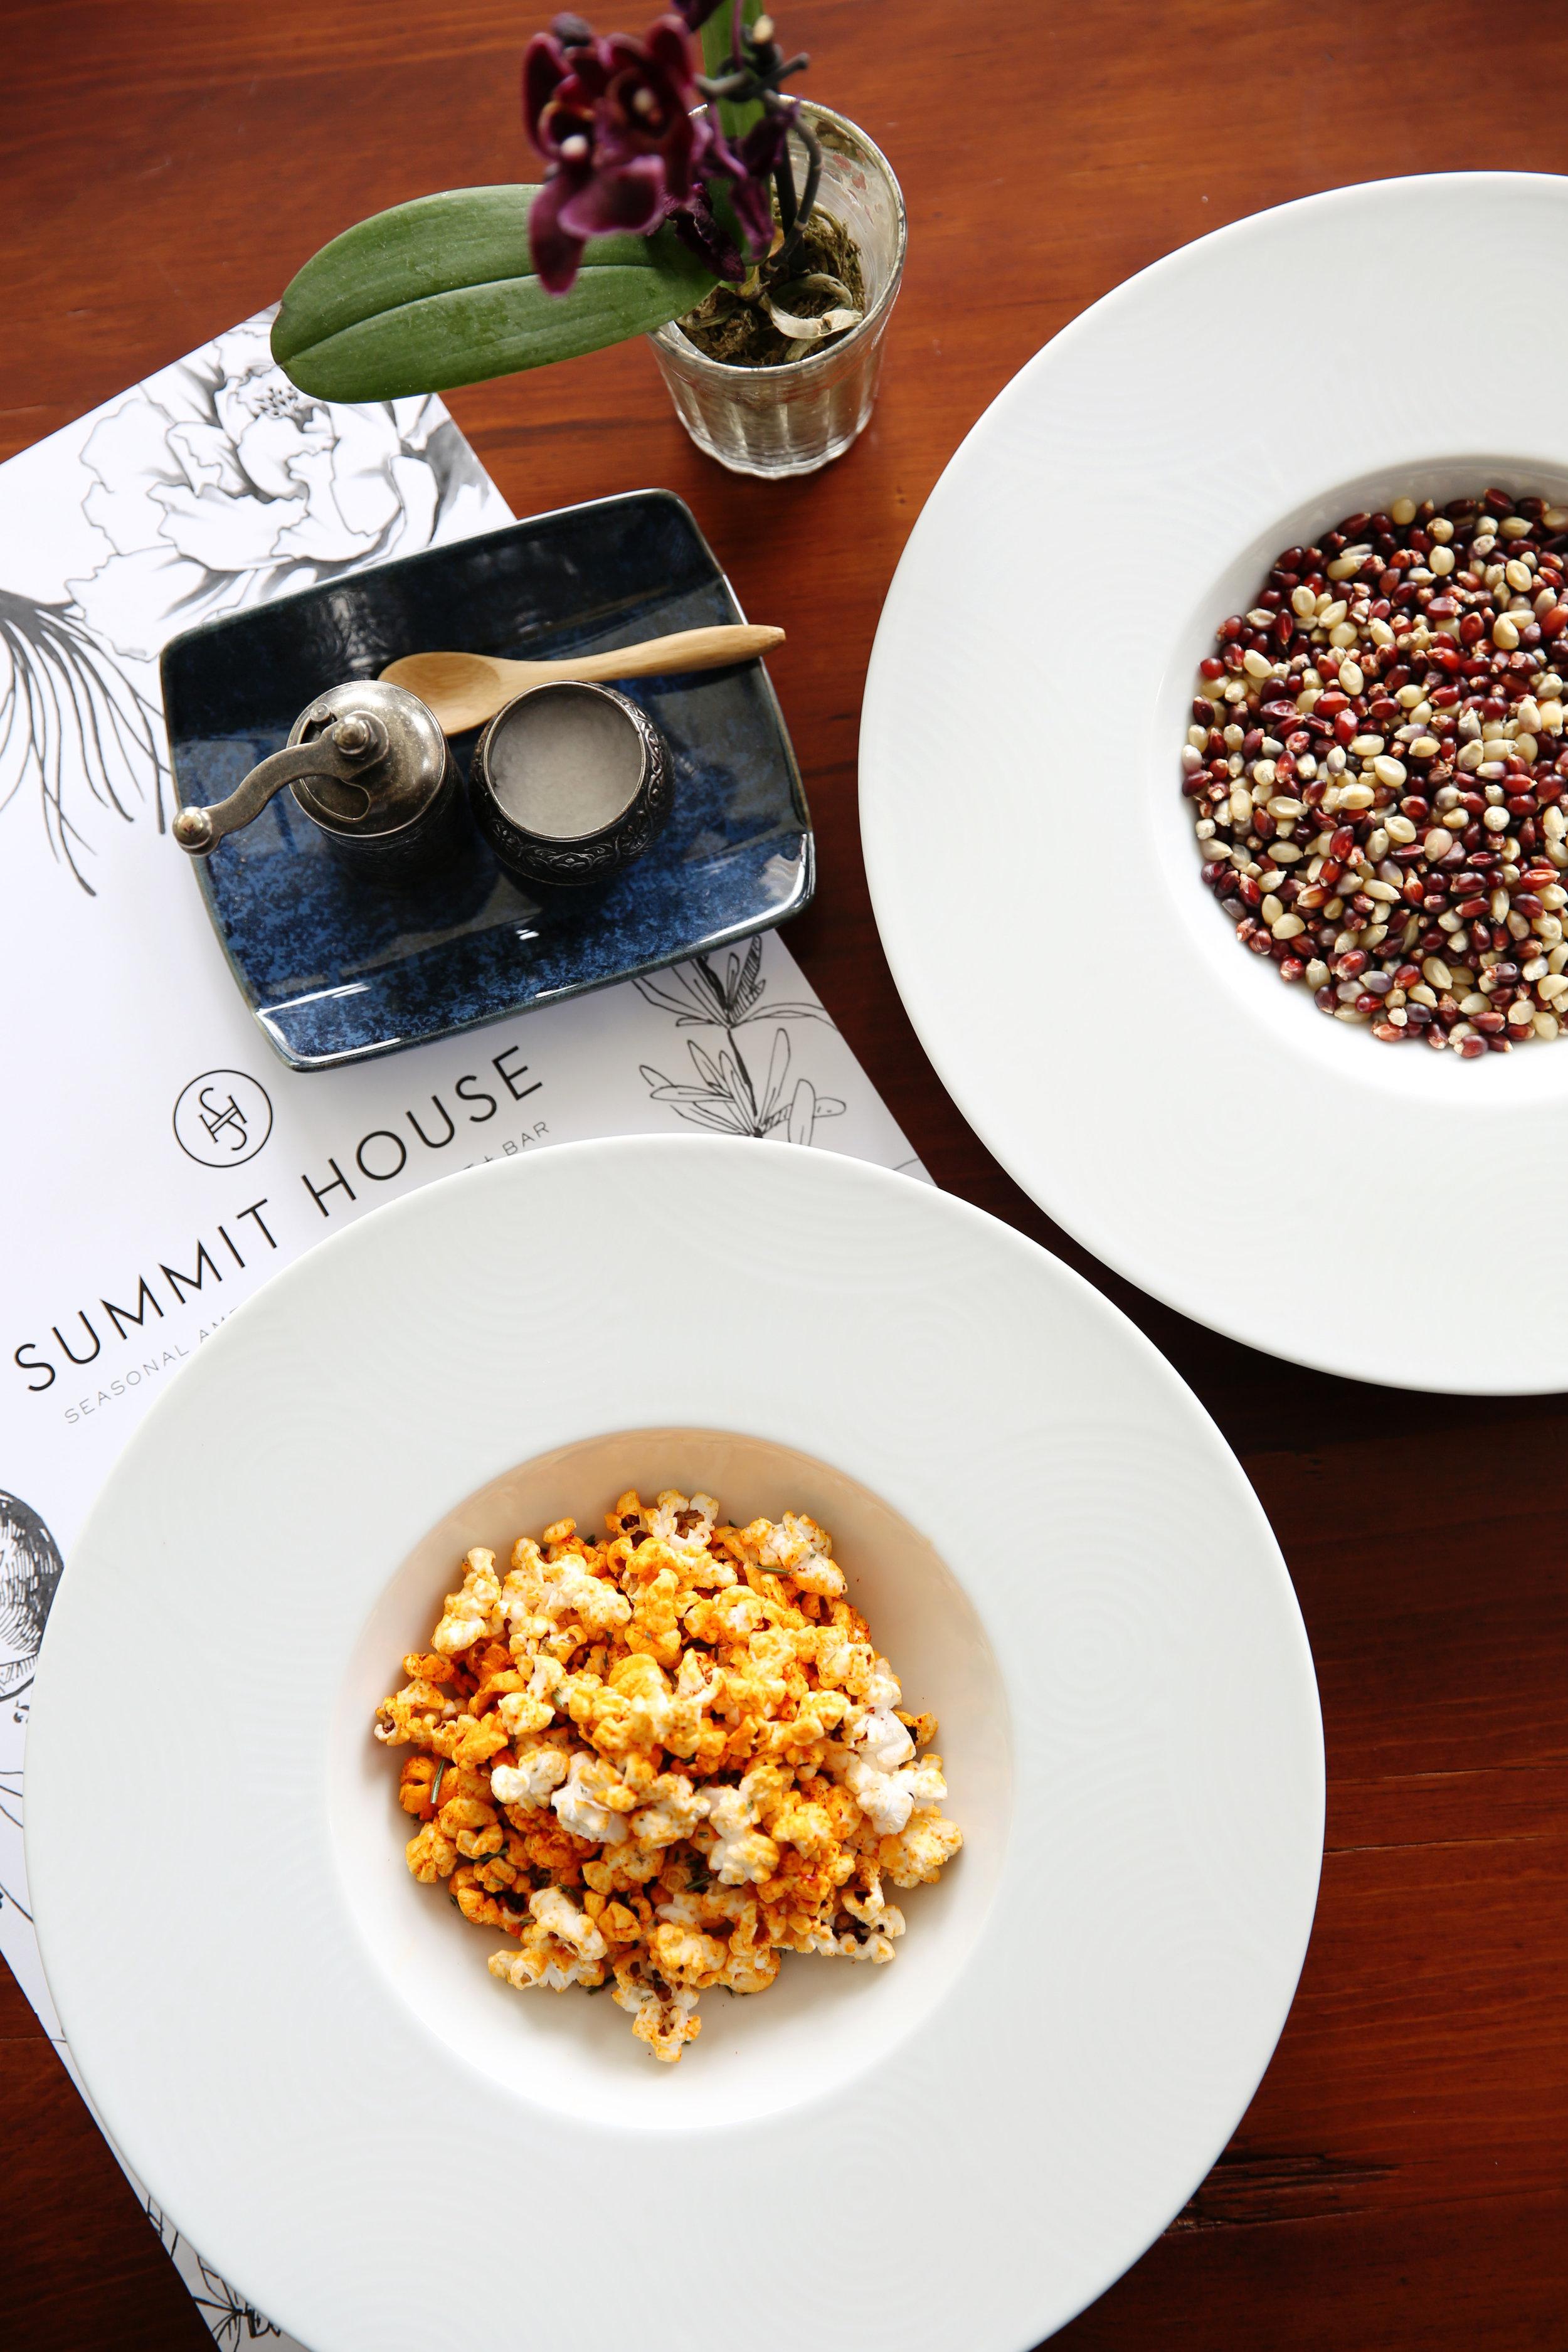 NYC and NJ based lifestyle photographer Jennifer Lavelle Photography -  restaurant, food, commercial lifestyle photographer.  Summit House in Summit, NJ